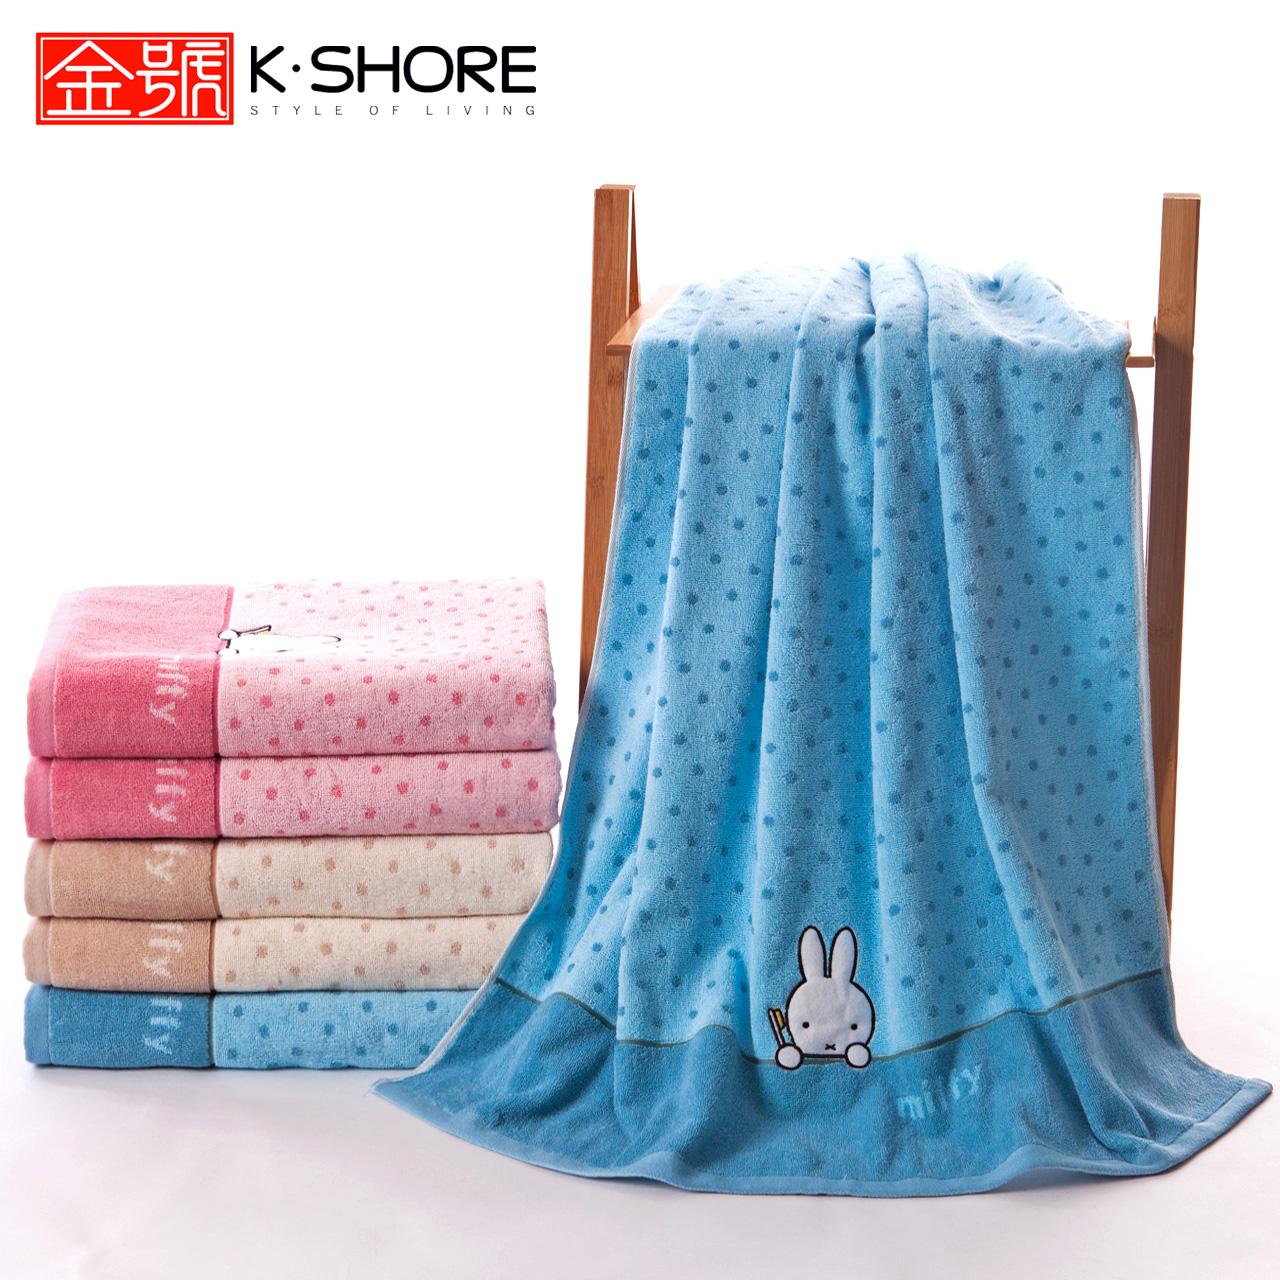 金號/米菲純棉浴巾兩條裝 卡通貼布繡可愛小兔 情侶款式 三色可選